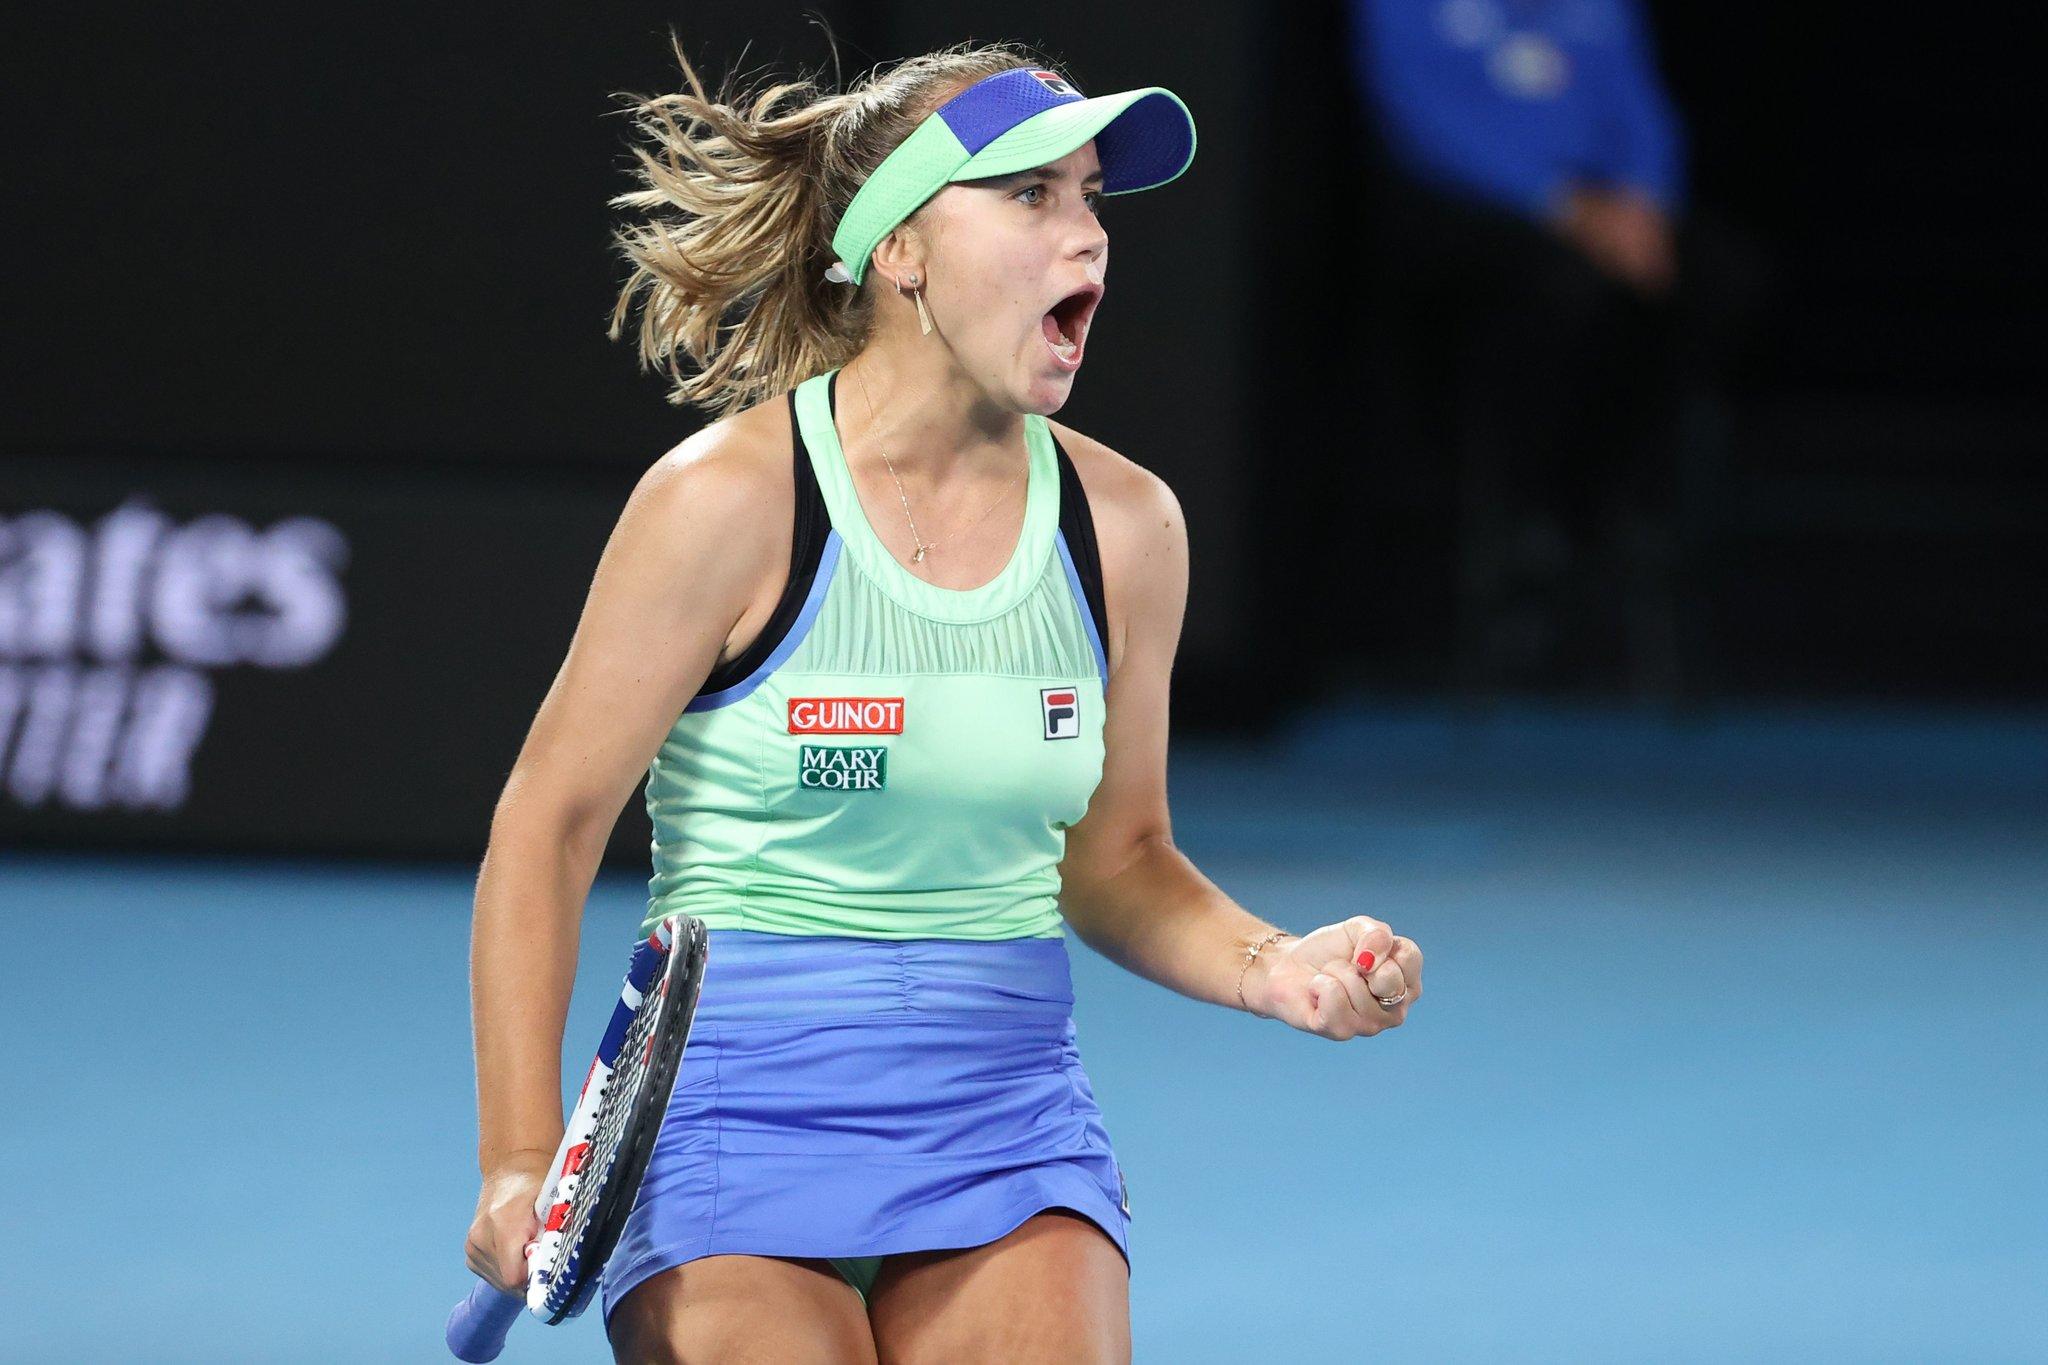 Kenin prive Barty d'une finale devant son public — Open d'Australie